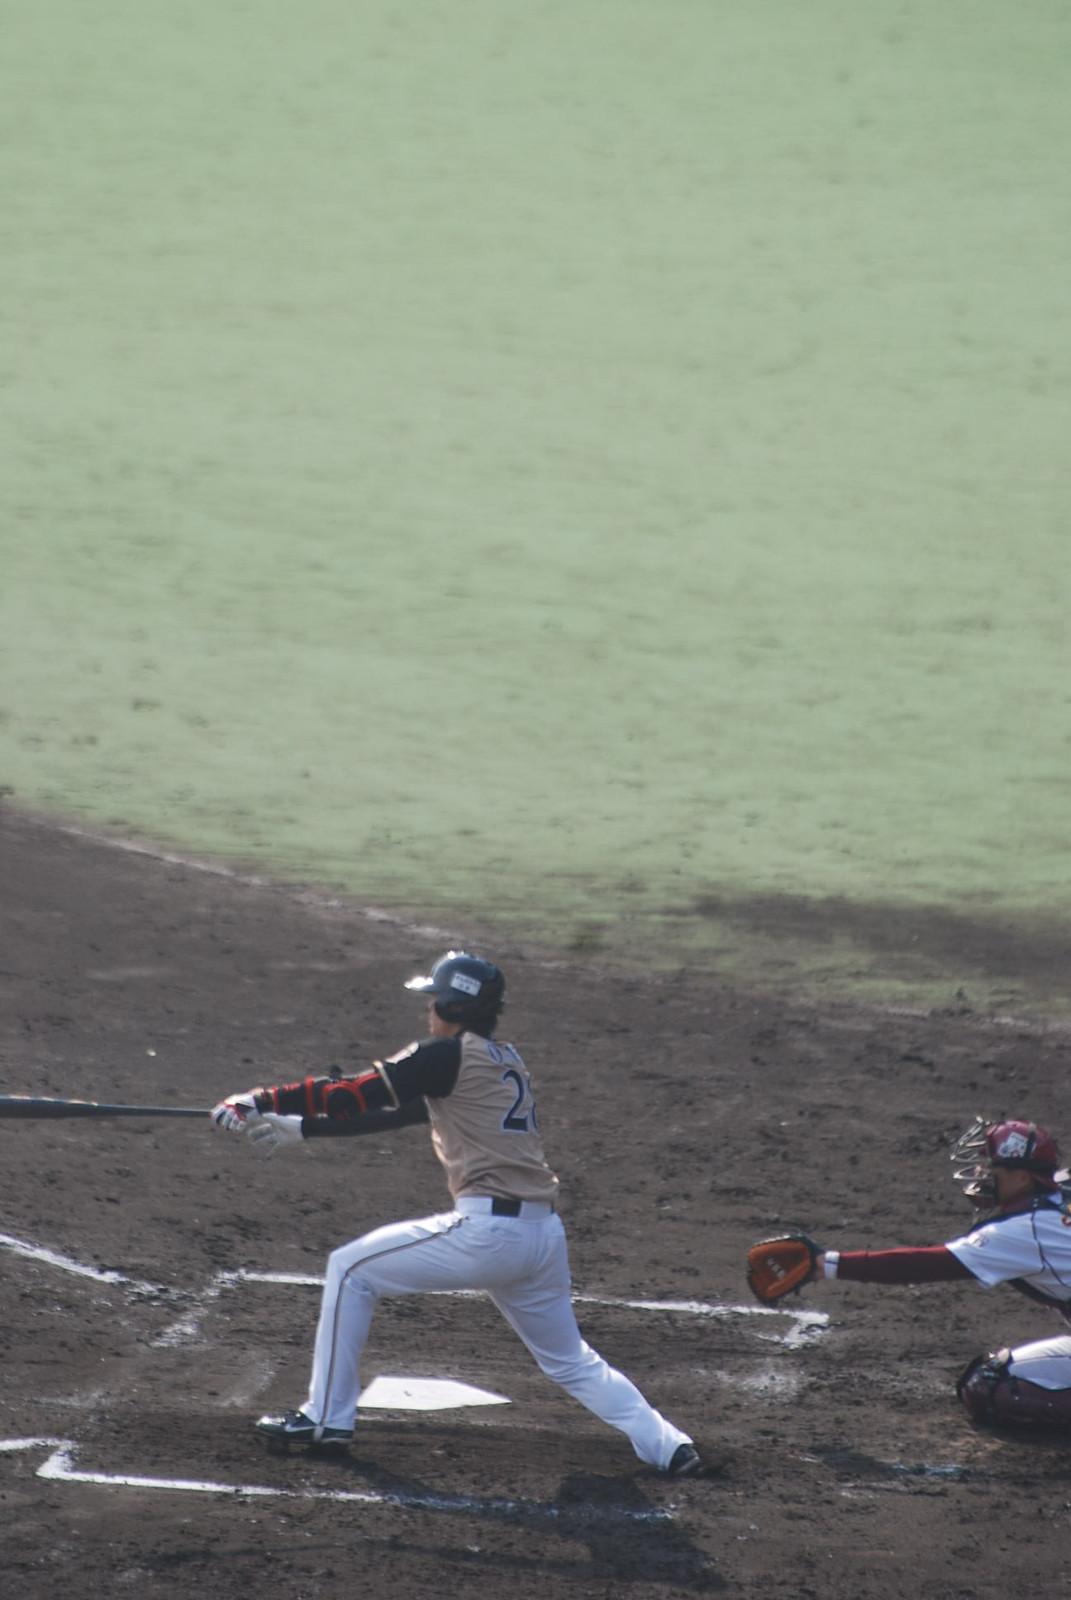 増井浩俊の画像 p1_35